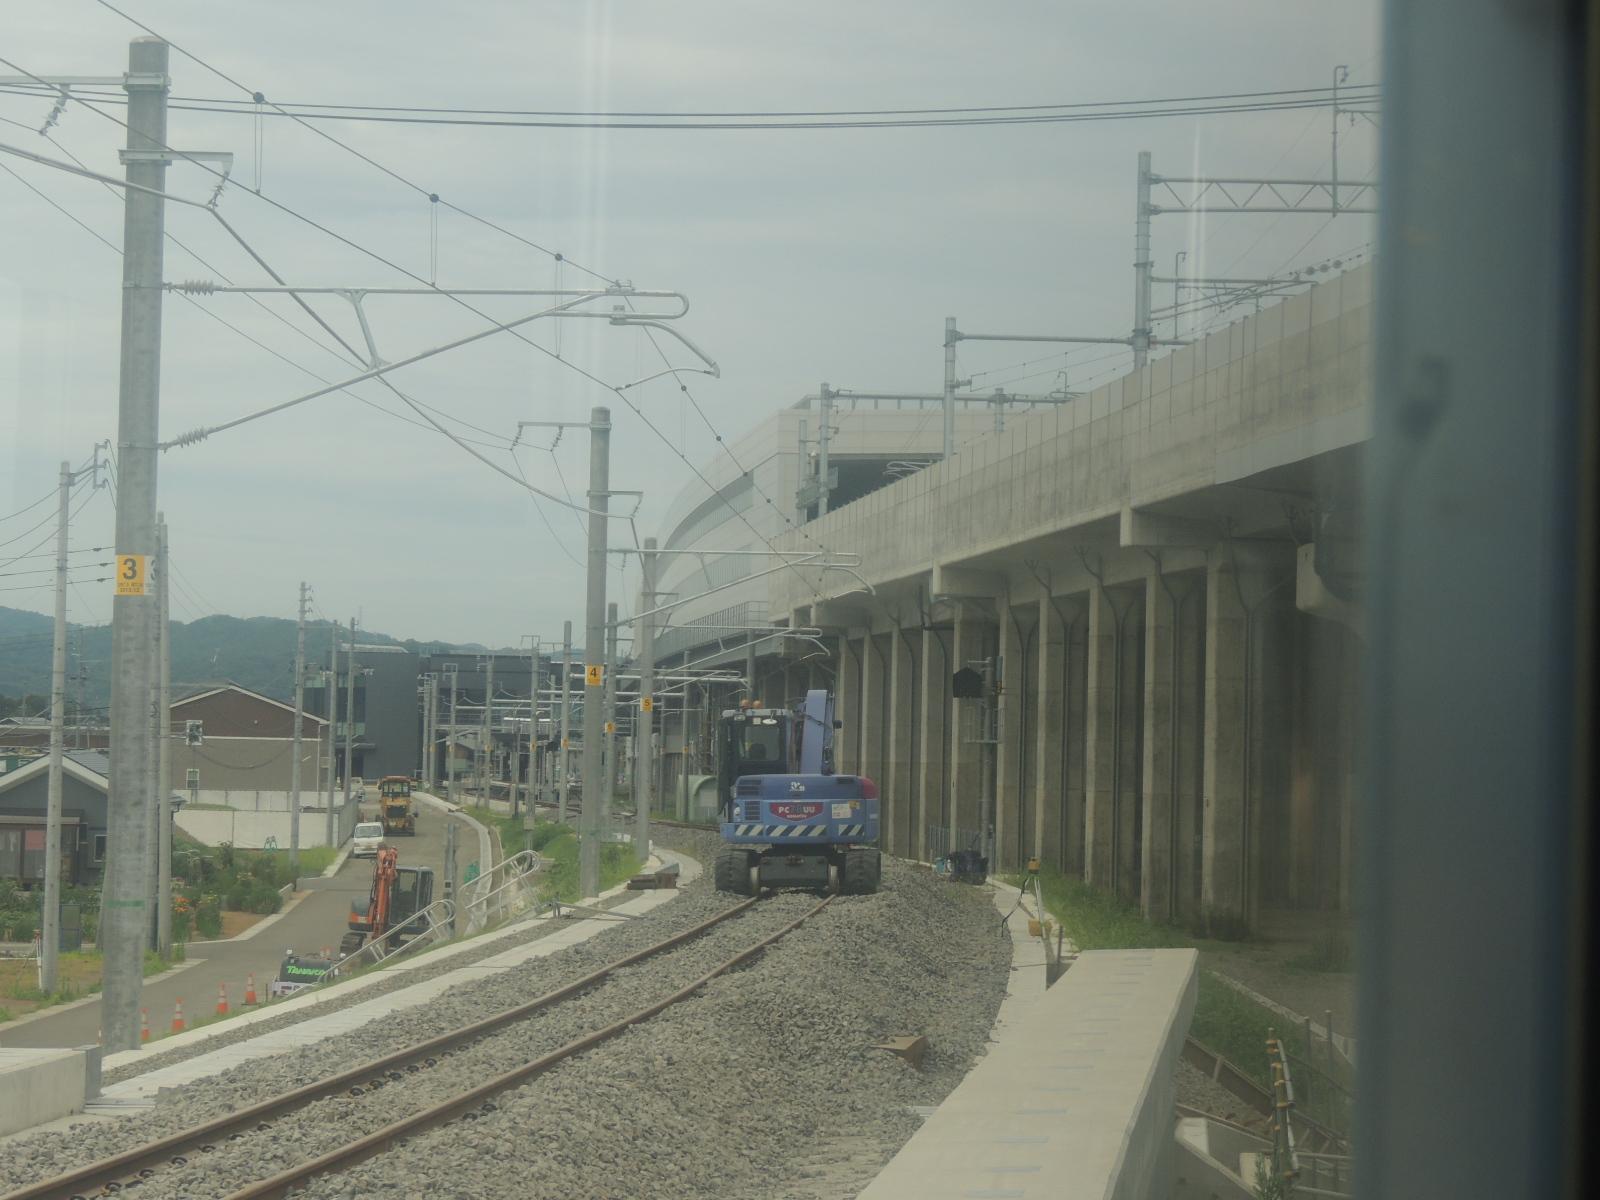 DSCN9094.jpg